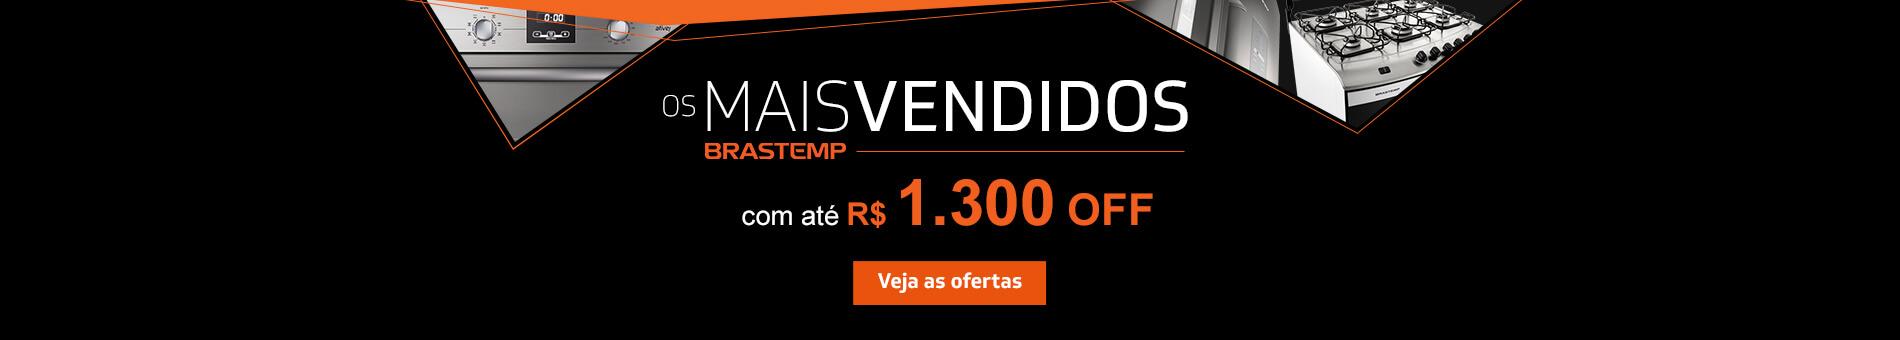 Promoção Interna - 922 - osmaisvendidos_generico_home1_30092016 - generico - 1